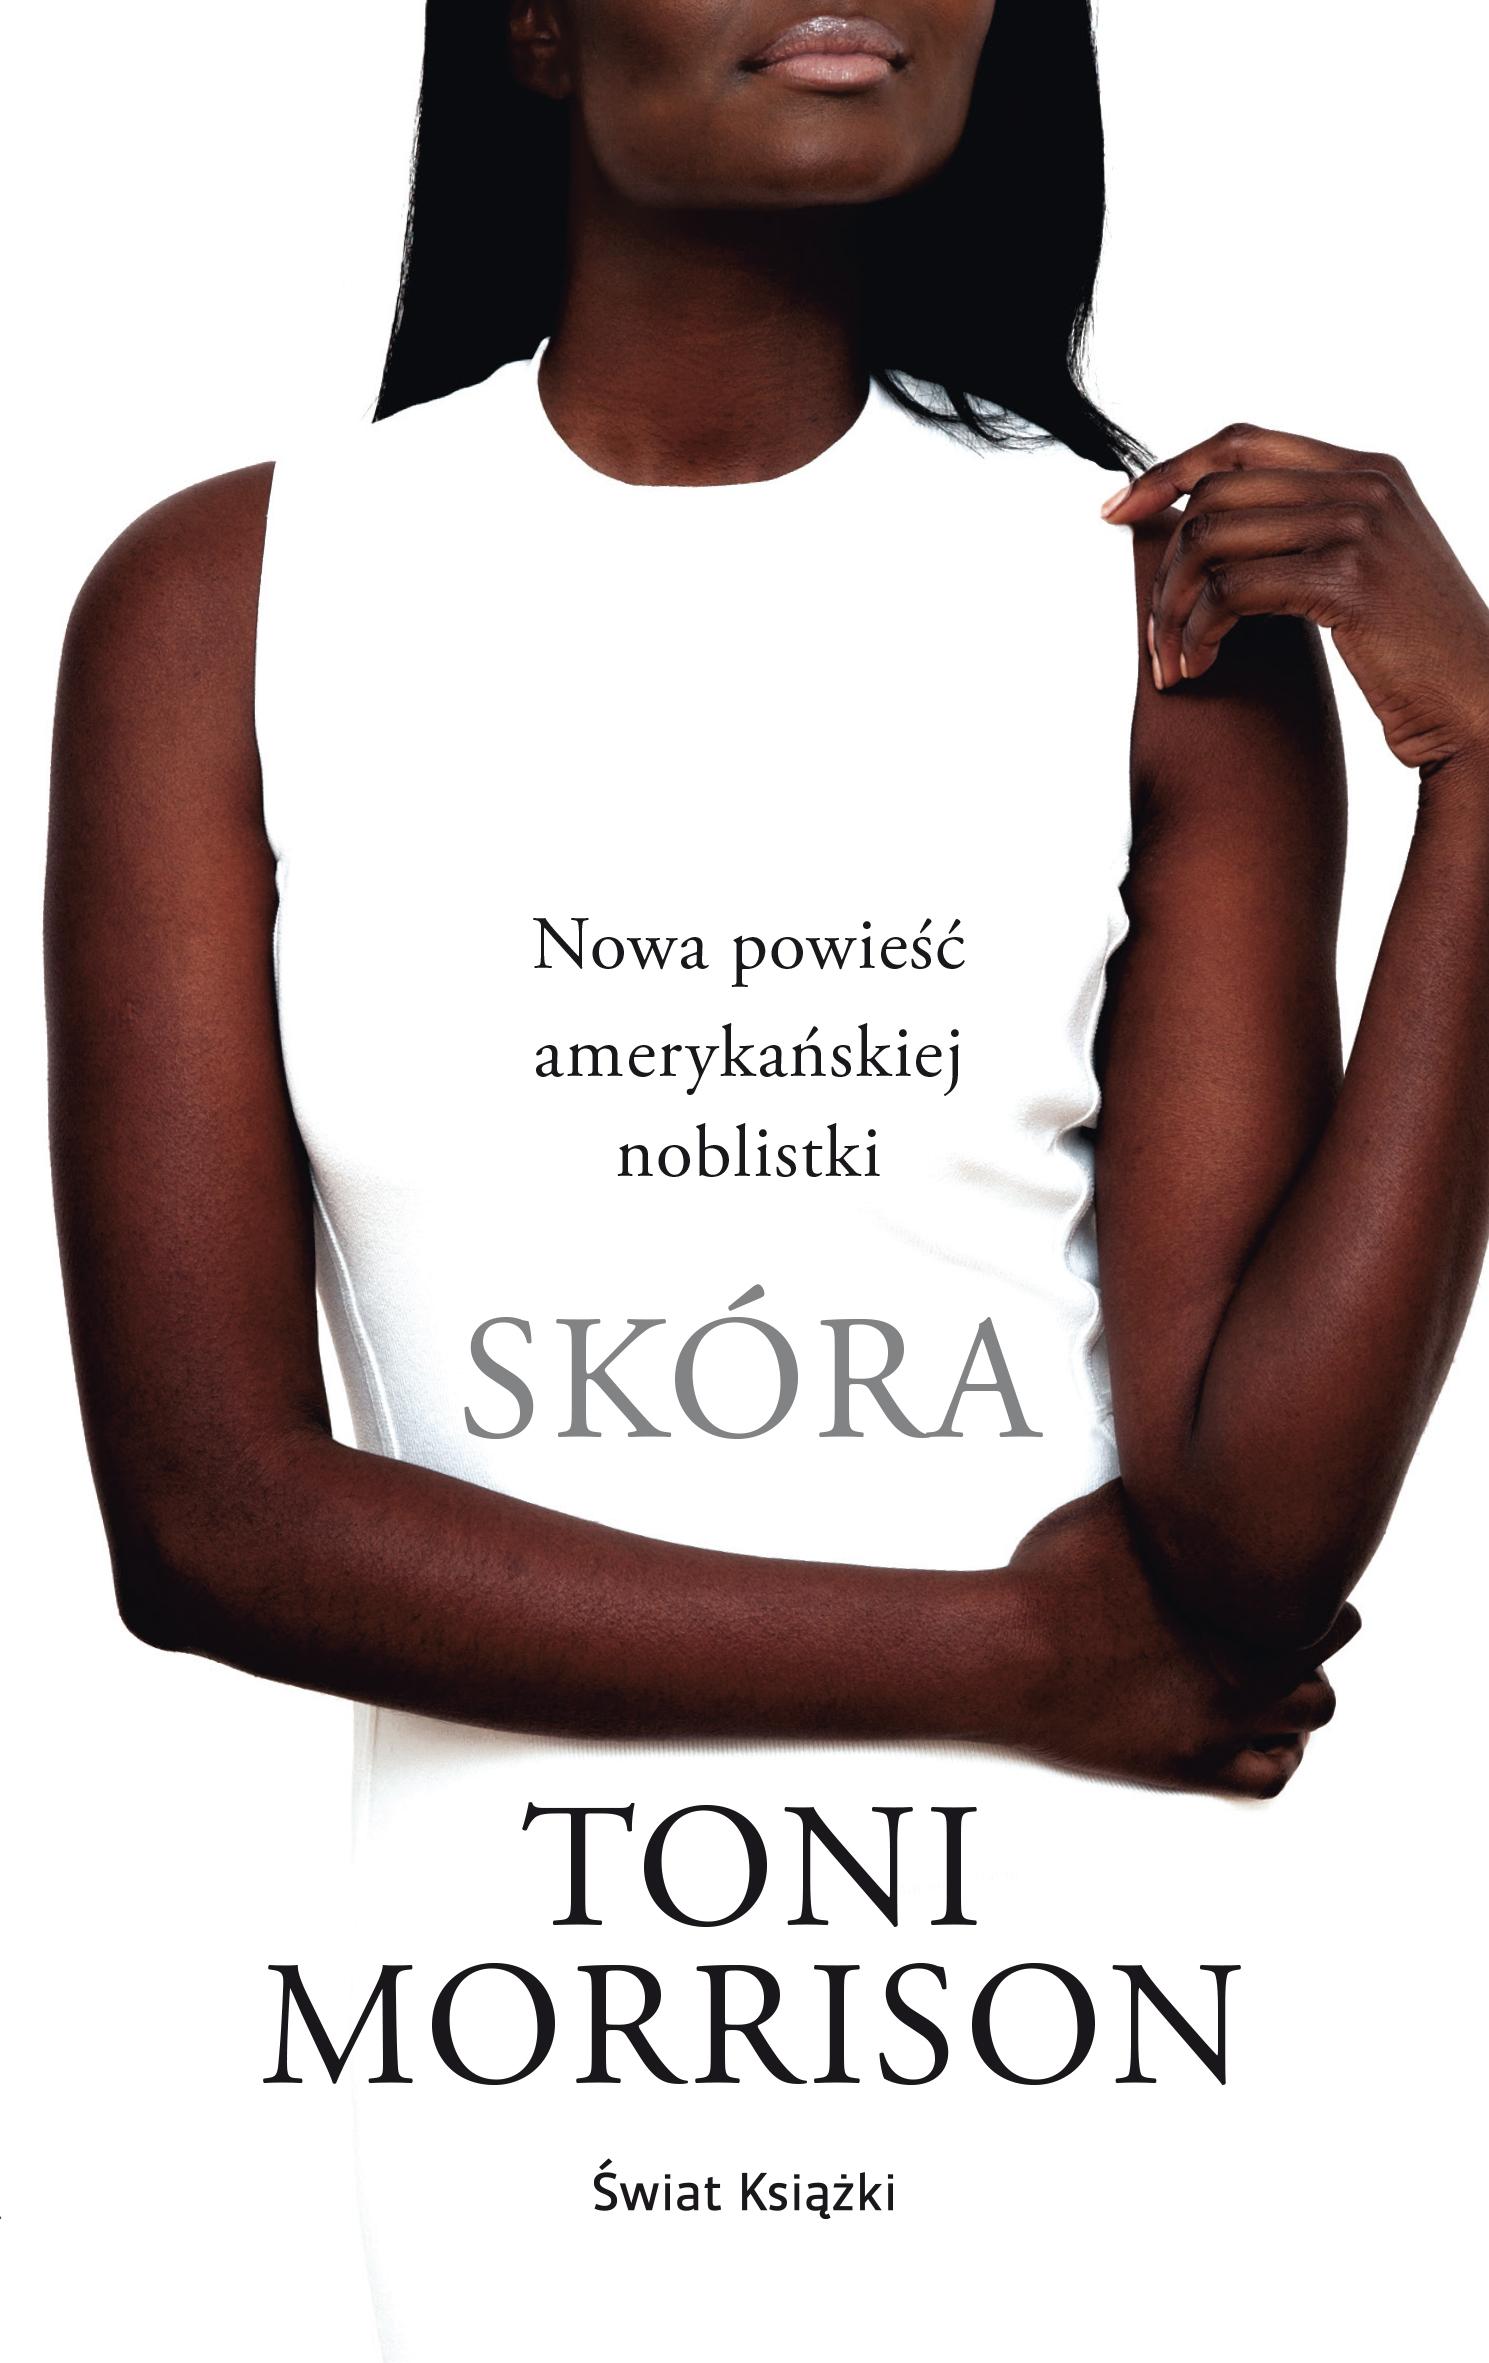 """Toni Morrison, """"Skóra"""" – okładka książki (źródło: materiały prasowe wydawcy)"""